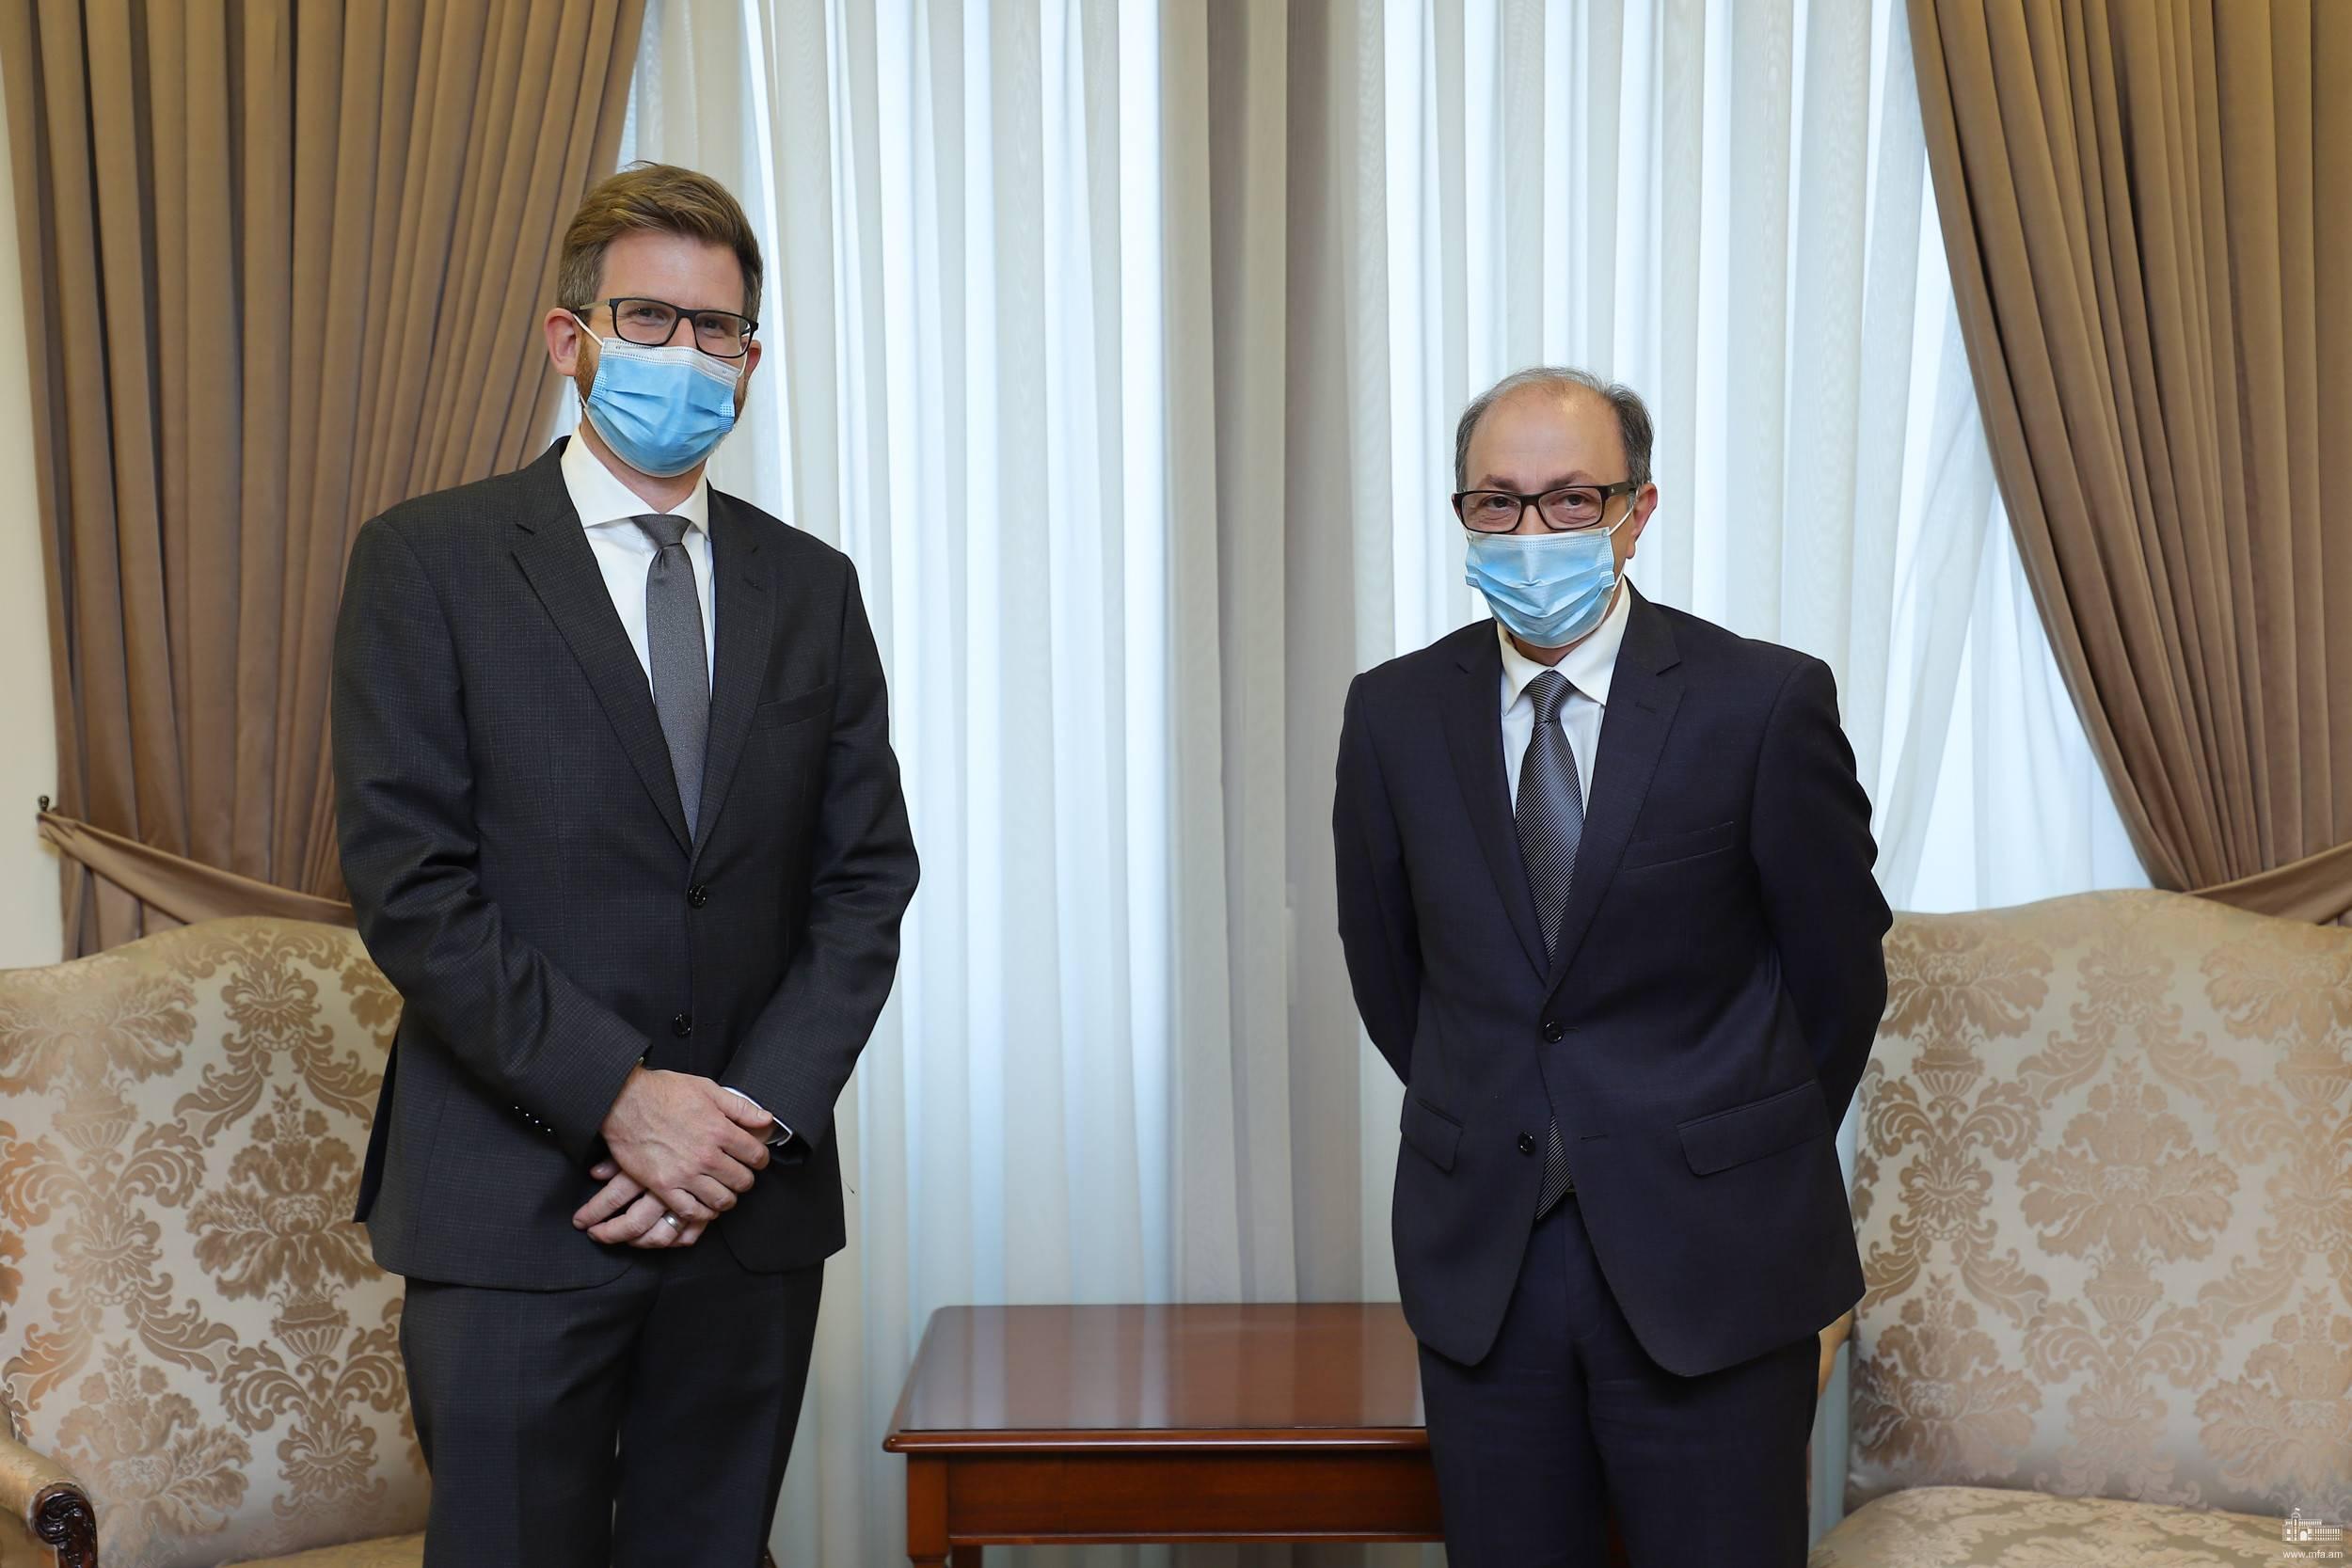 Photo of ՀՀ ԱԳ նախարար Արա Այվազյանը հանդիպել է Կարմիր խաչի միջազգային կոմիտեի ներկայացուցիչների հետ